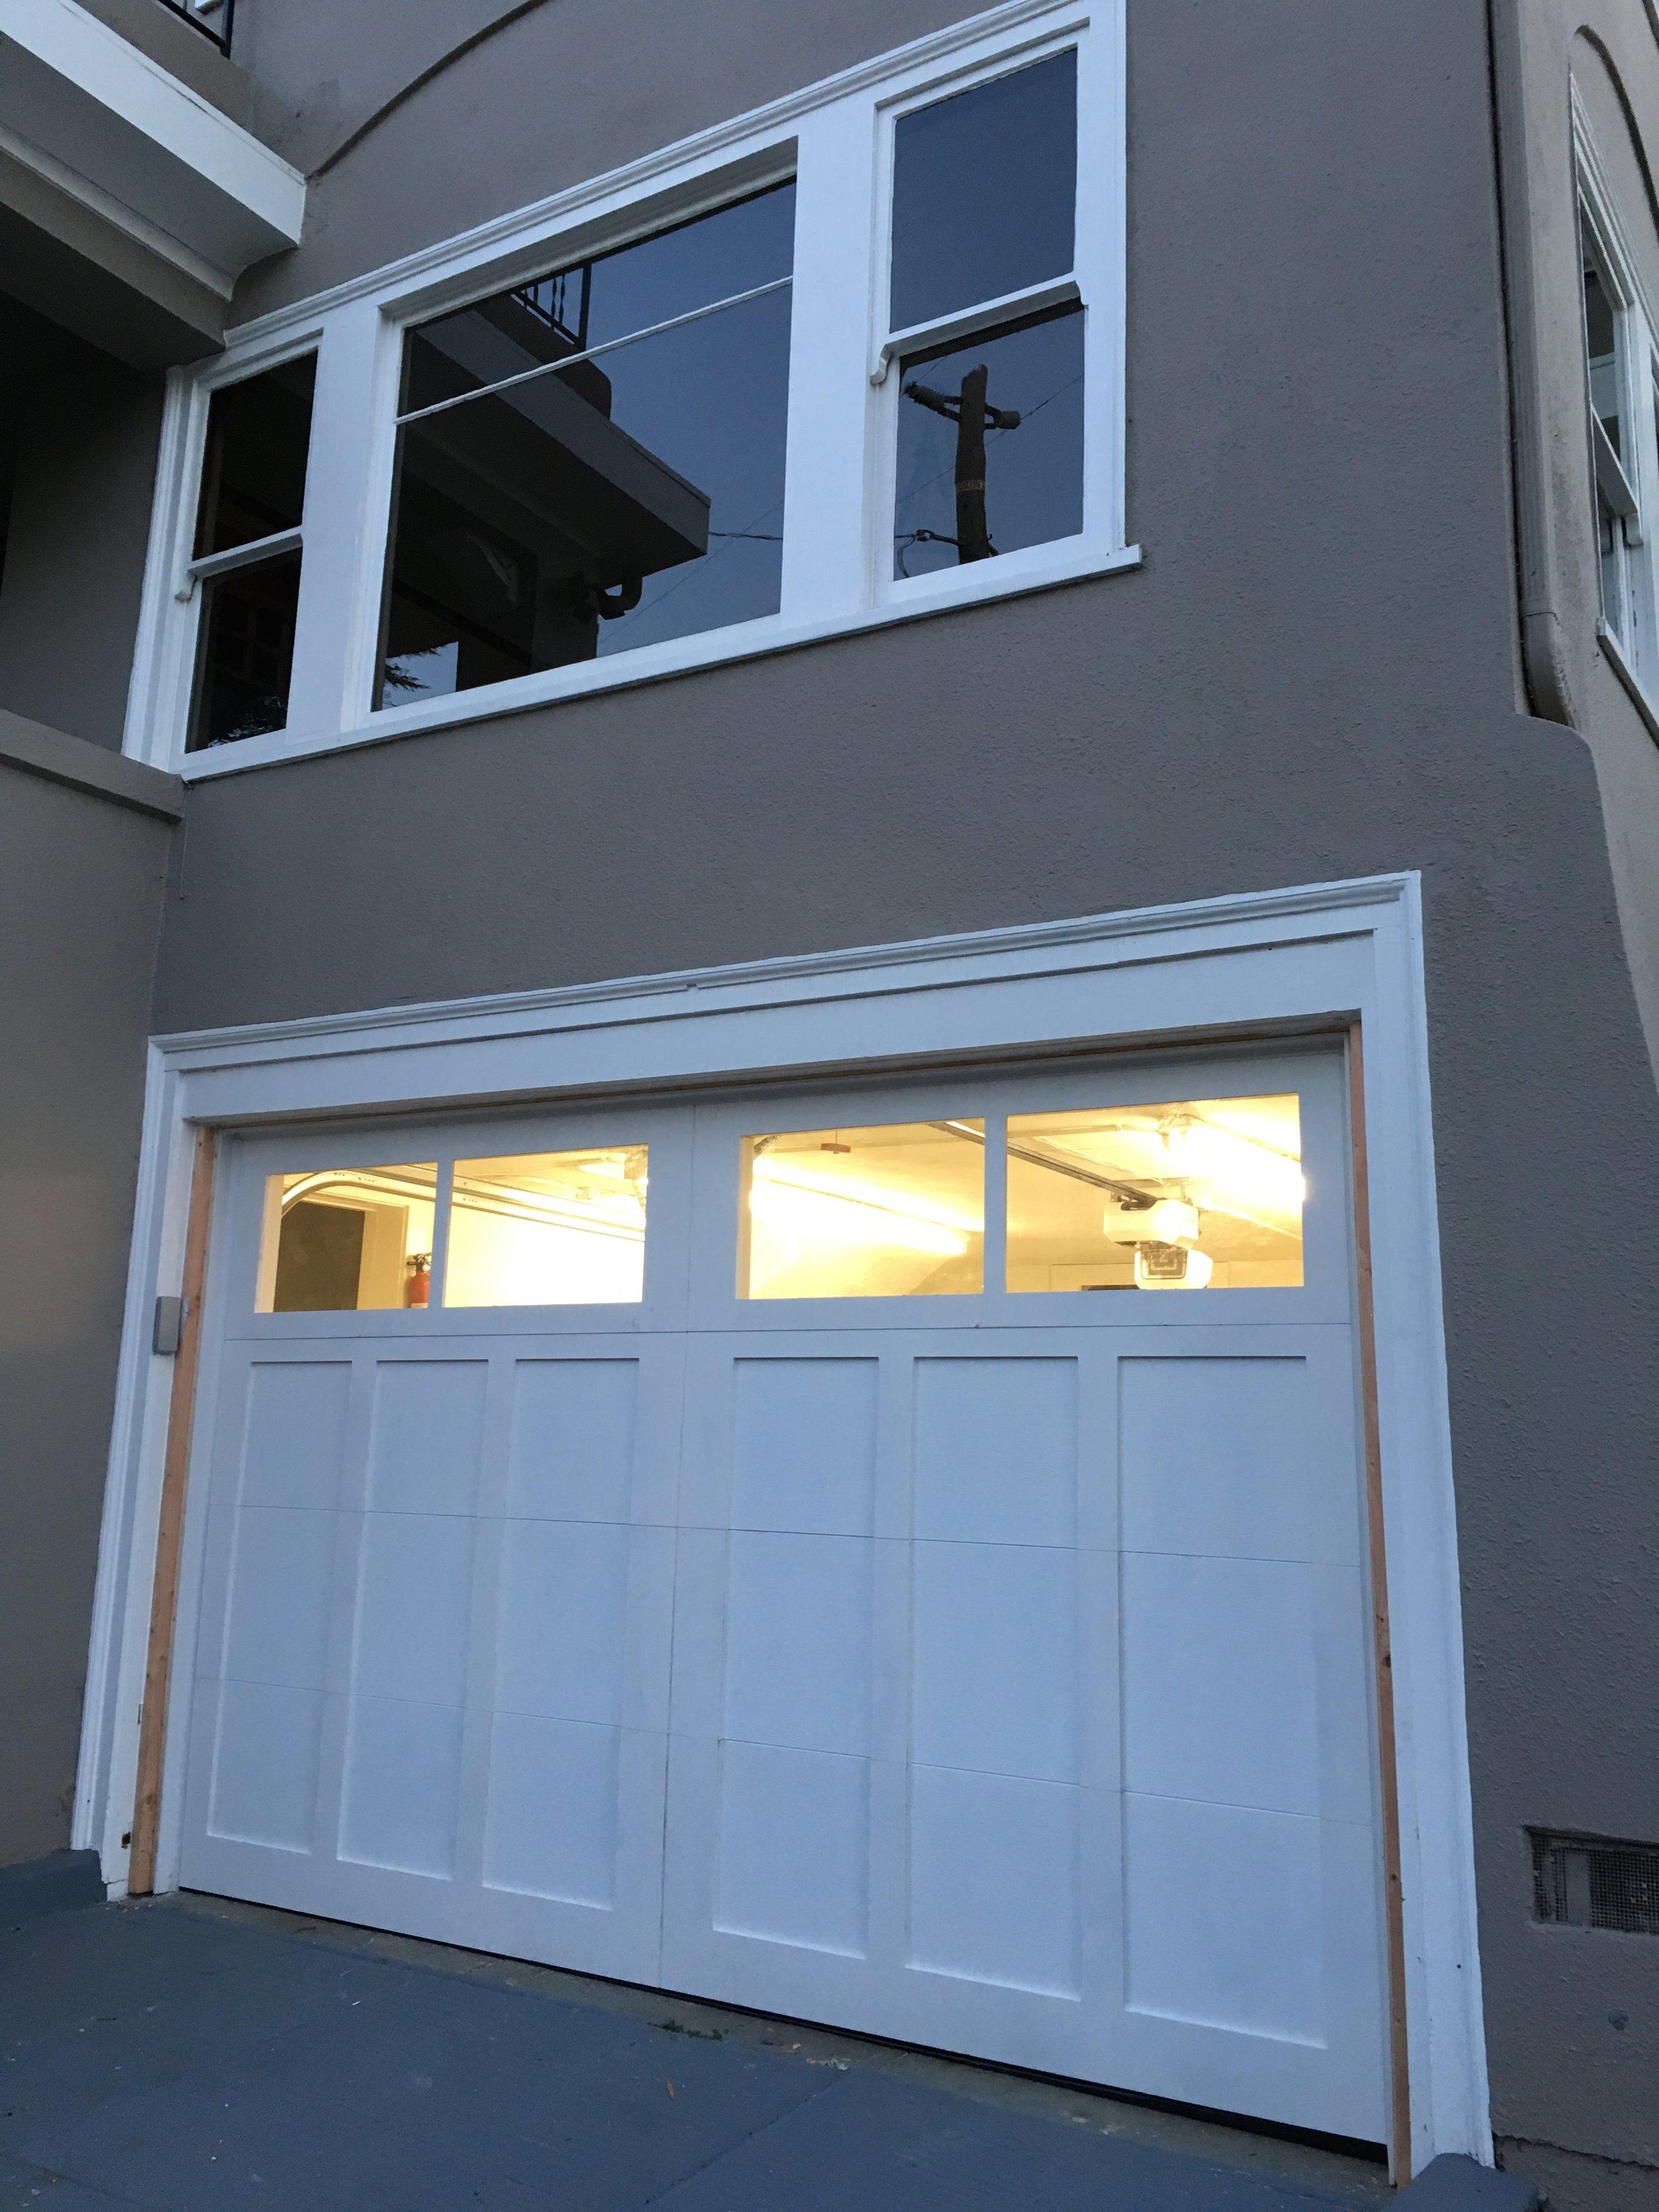 all bay garage doors - carriage house garage door - kevin chervatin - 22.jpg